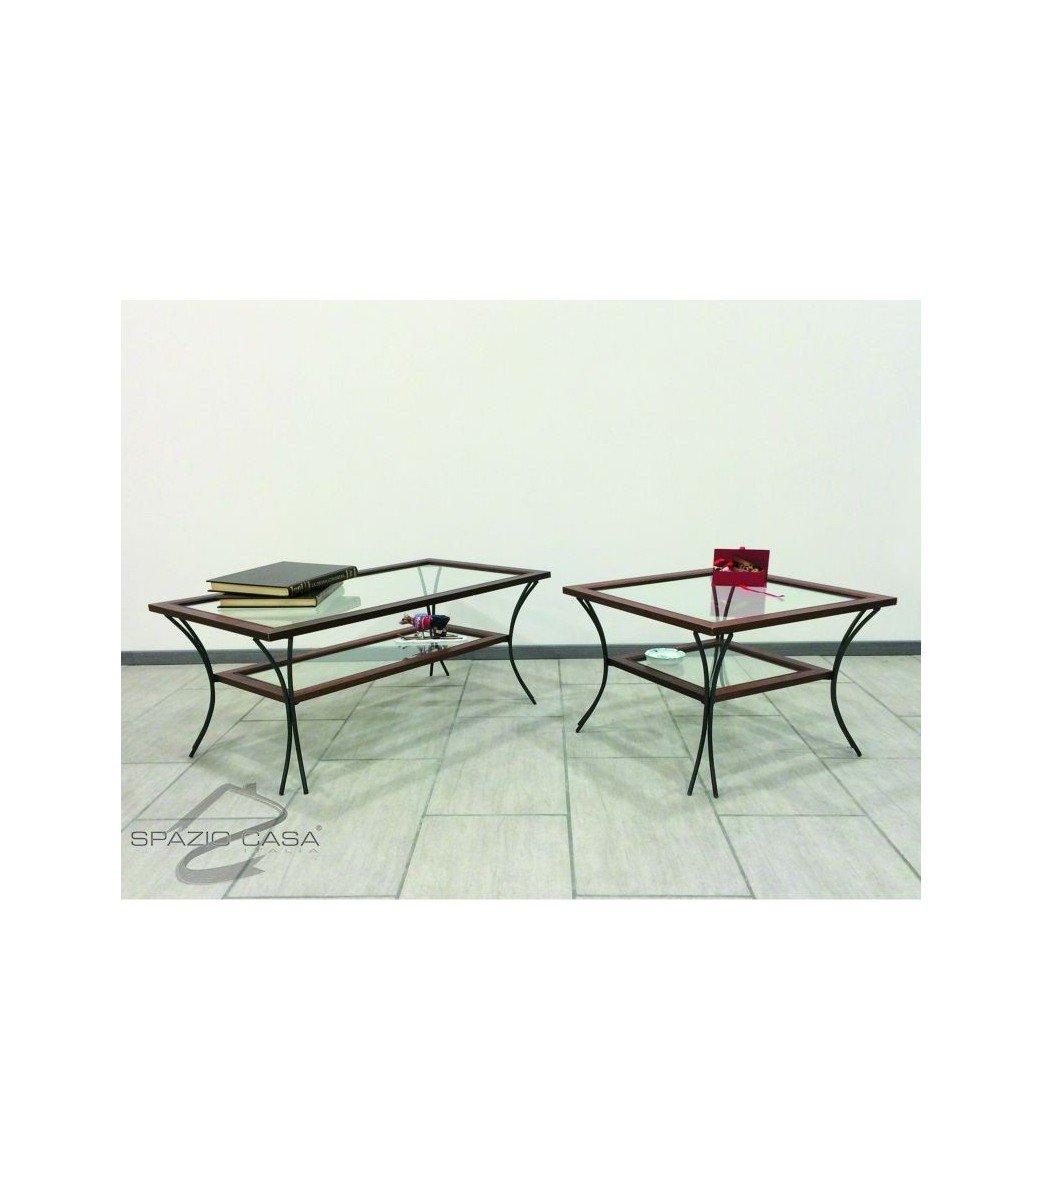 Tavolino Salotto Ferro Battuto.50 Spazio Casa Tavolino Da Salotto In Legno Con Piedi In Ferro